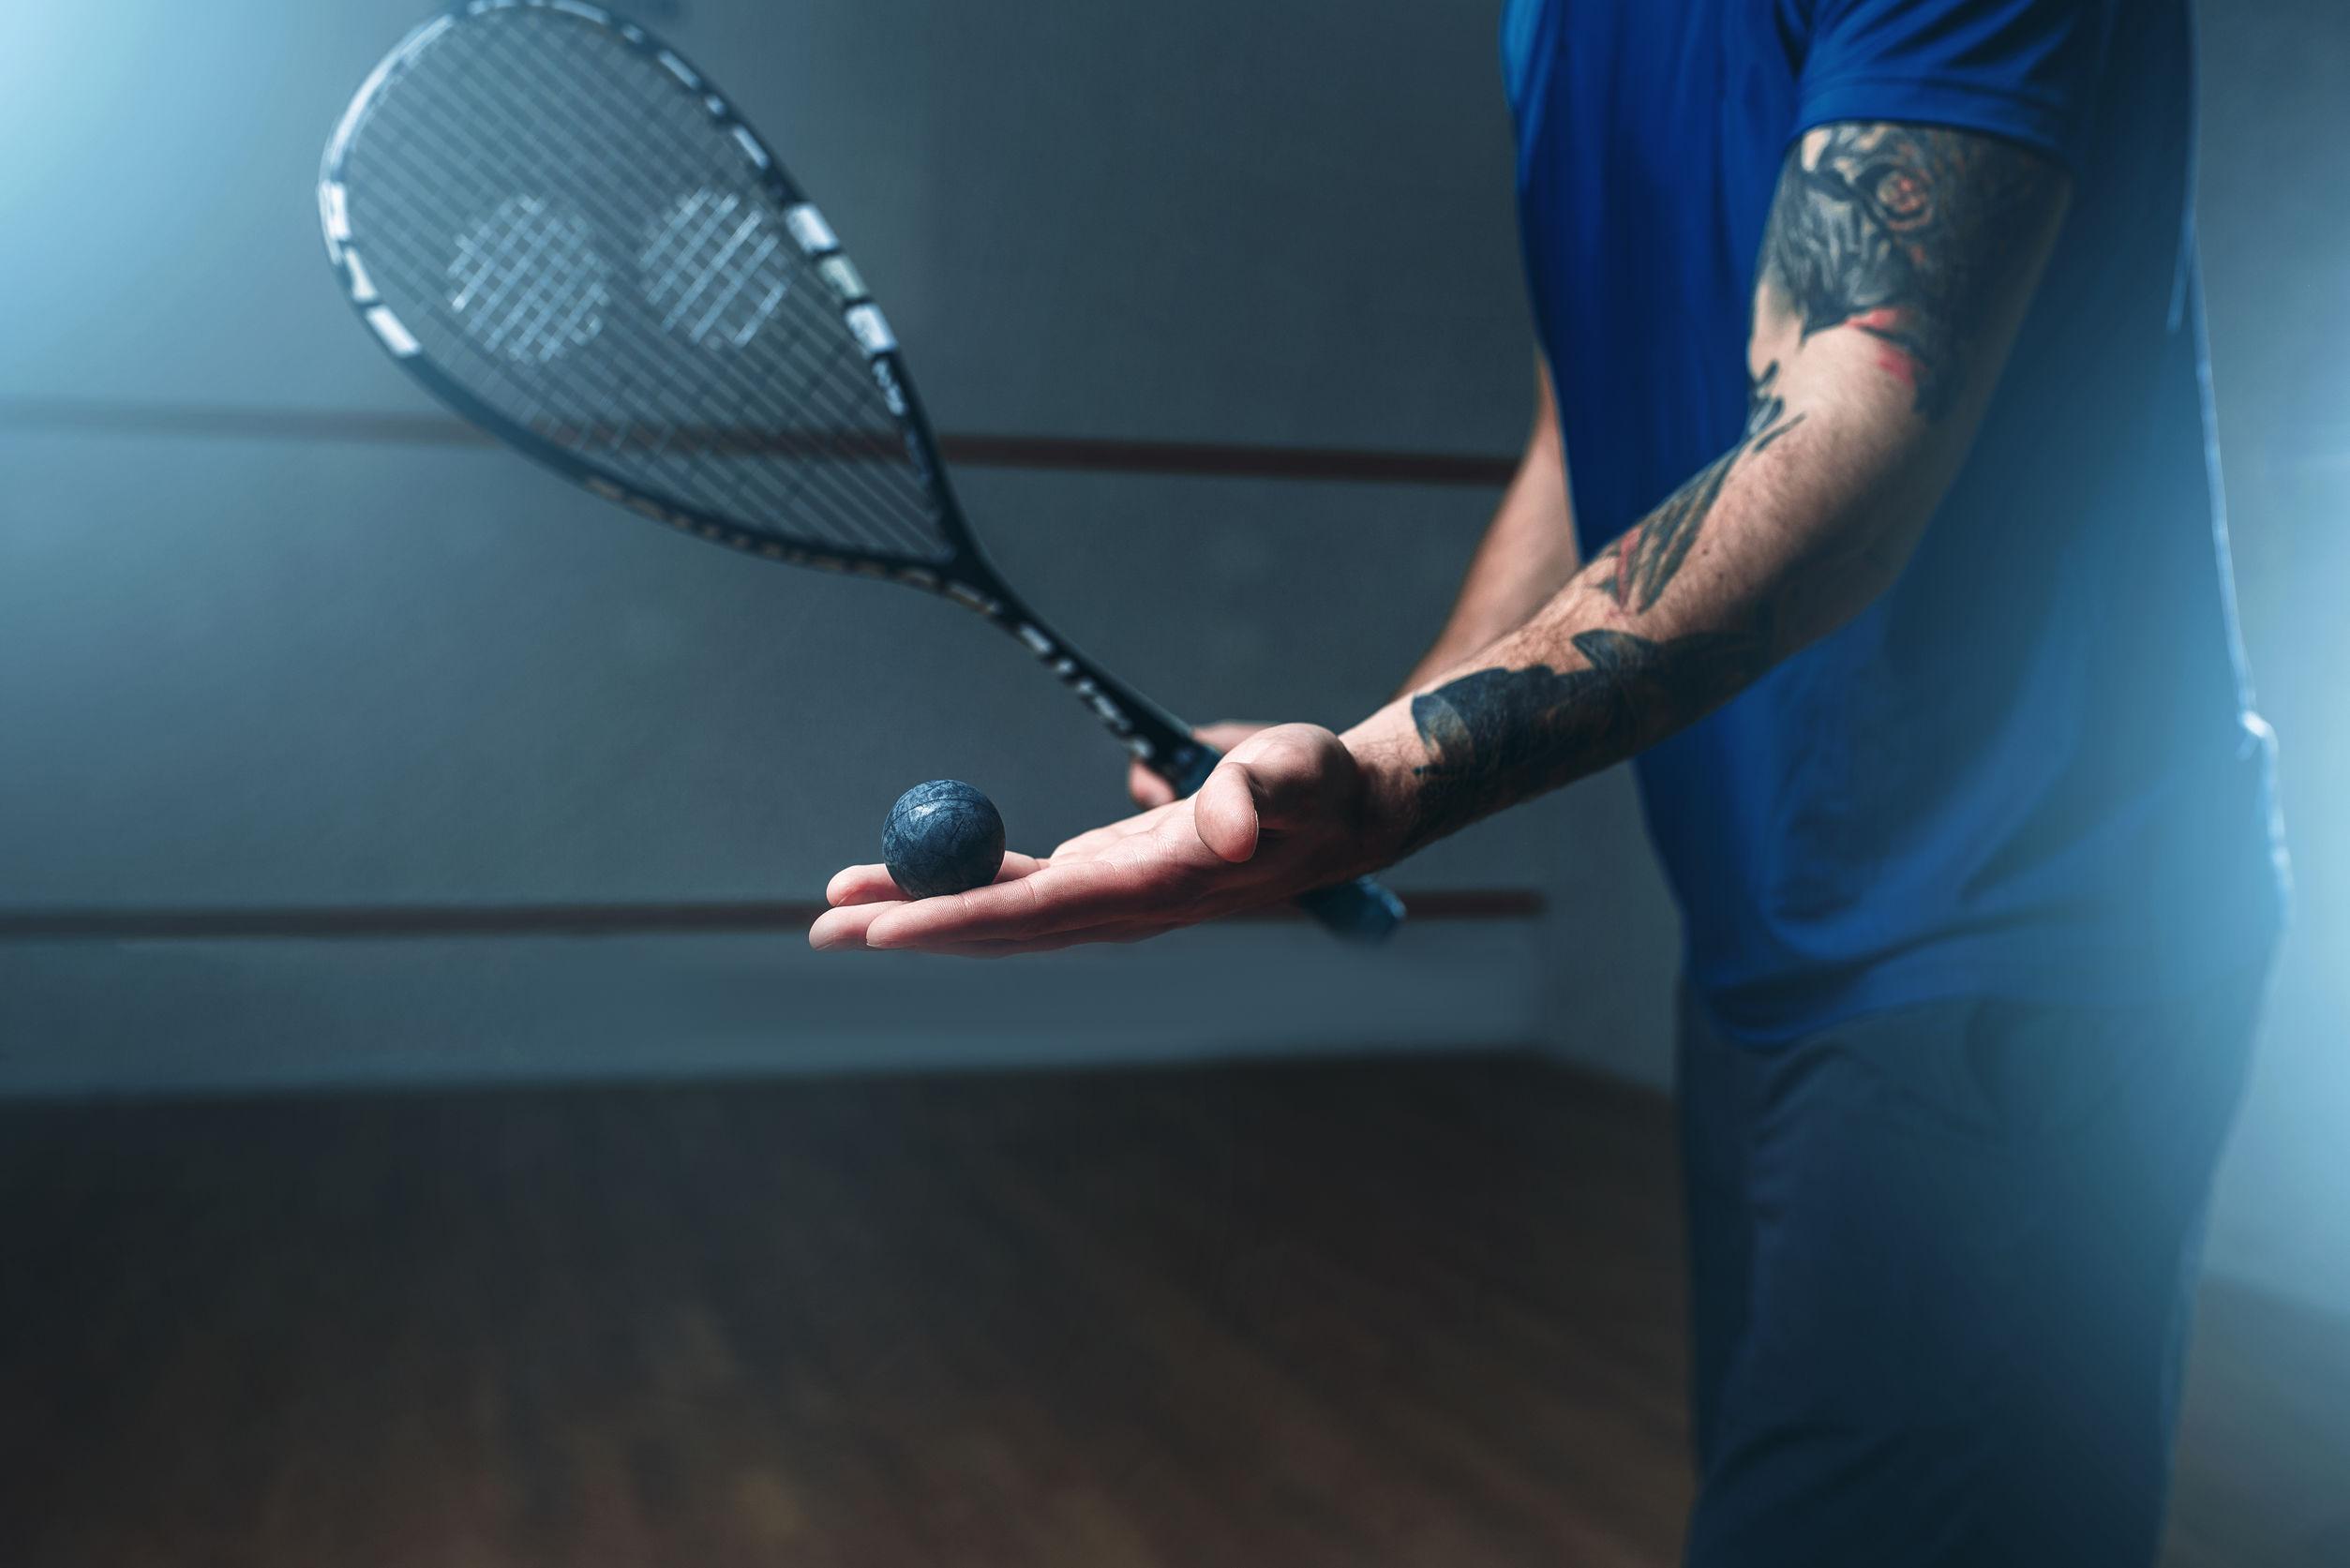 saque de squash